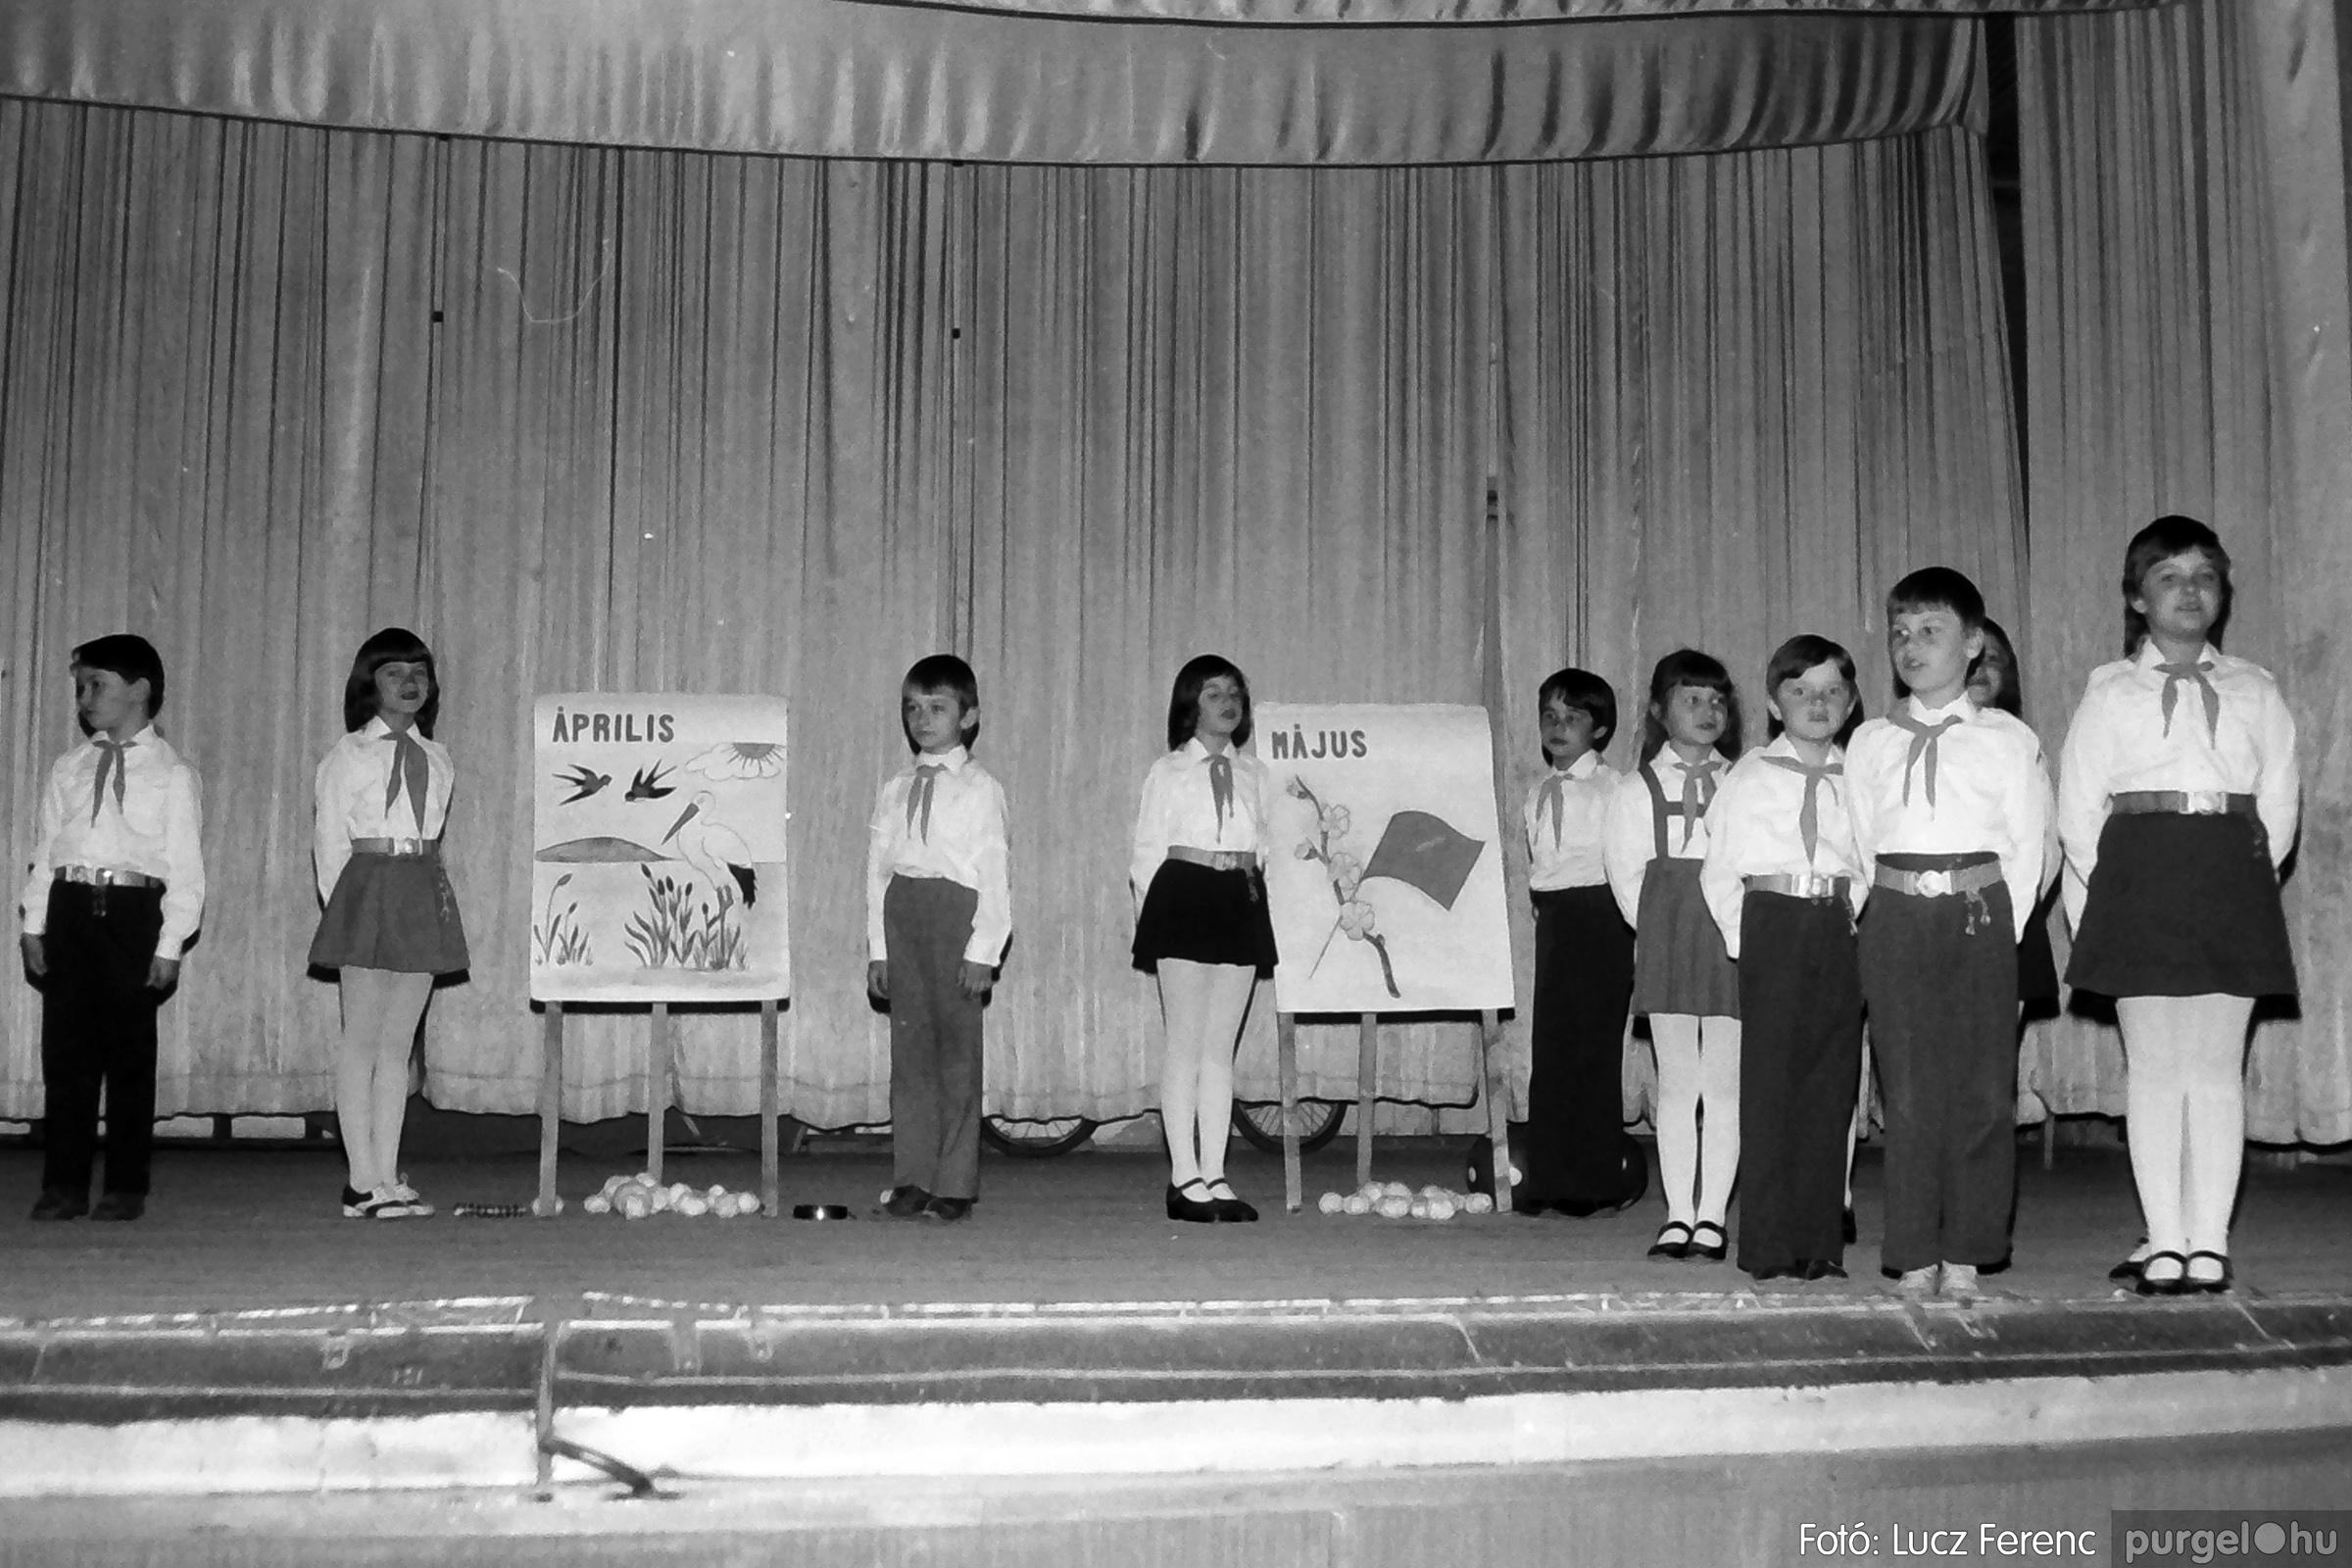 076. 1977. Iskolások fellépése a kultúrházban 017. - Fotó: Lucz Ferenc.jpg